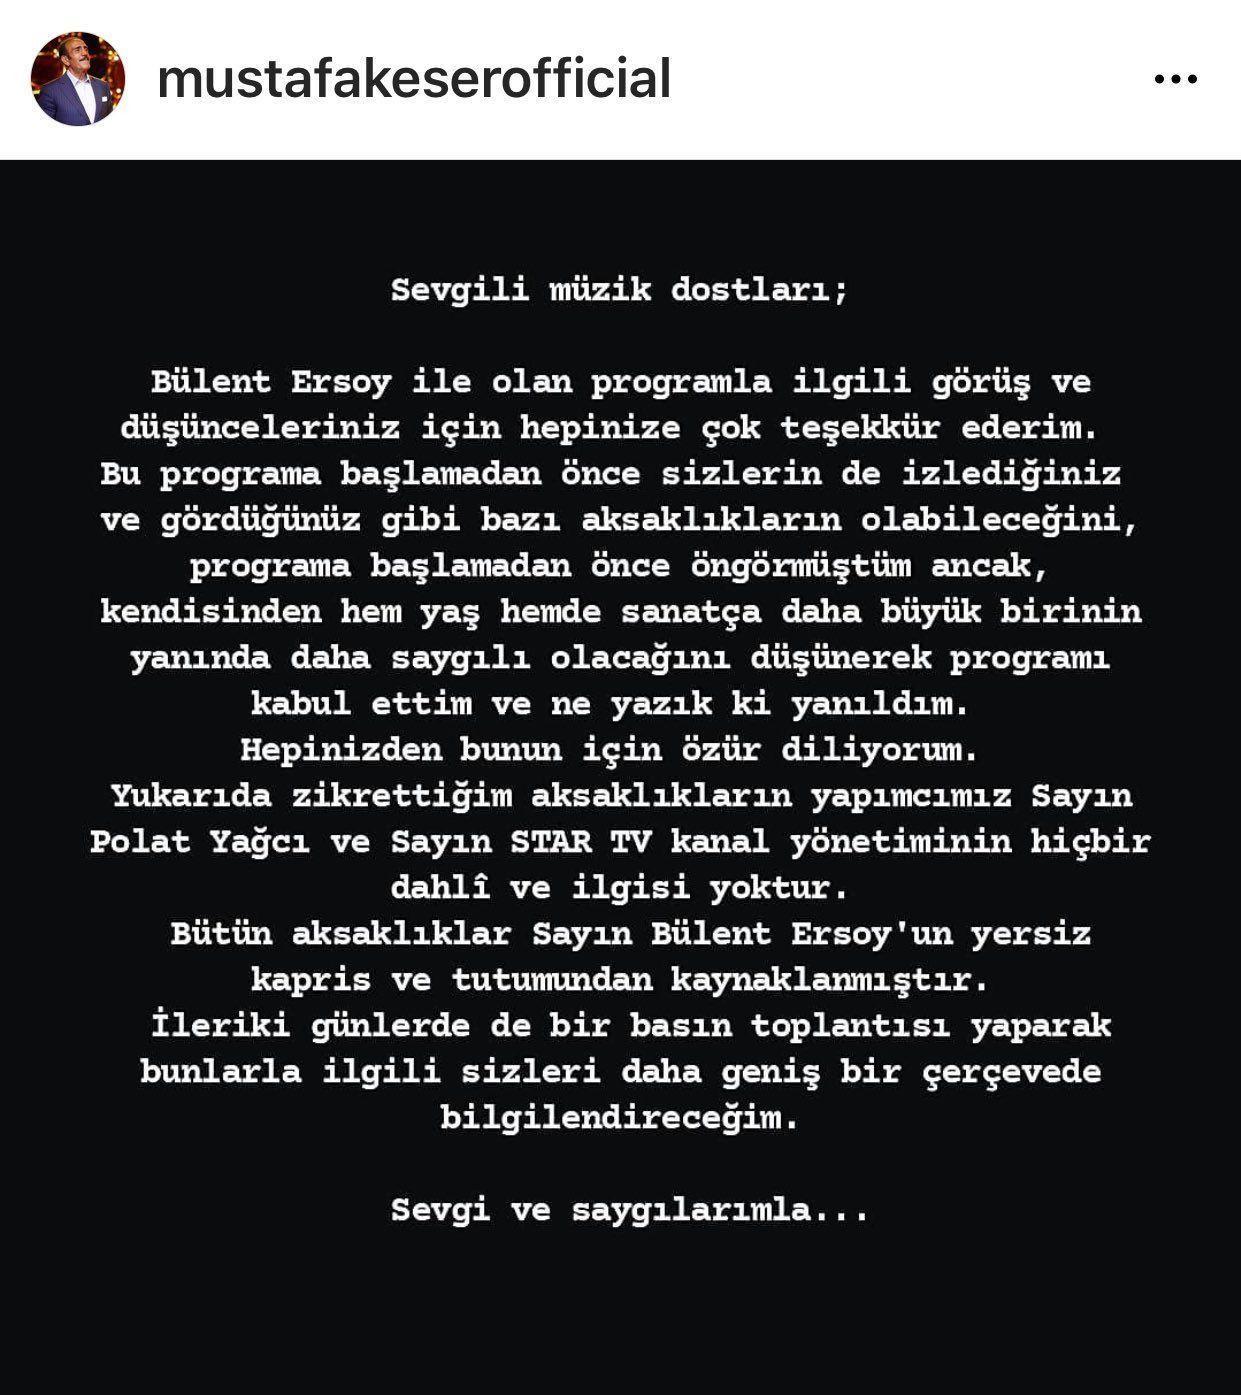 Mustafa Keser'in Bülent Ersoy'a olan kızgınlığı geçmiyor: Bütün Türkiye şok olacak - Sayfa 10